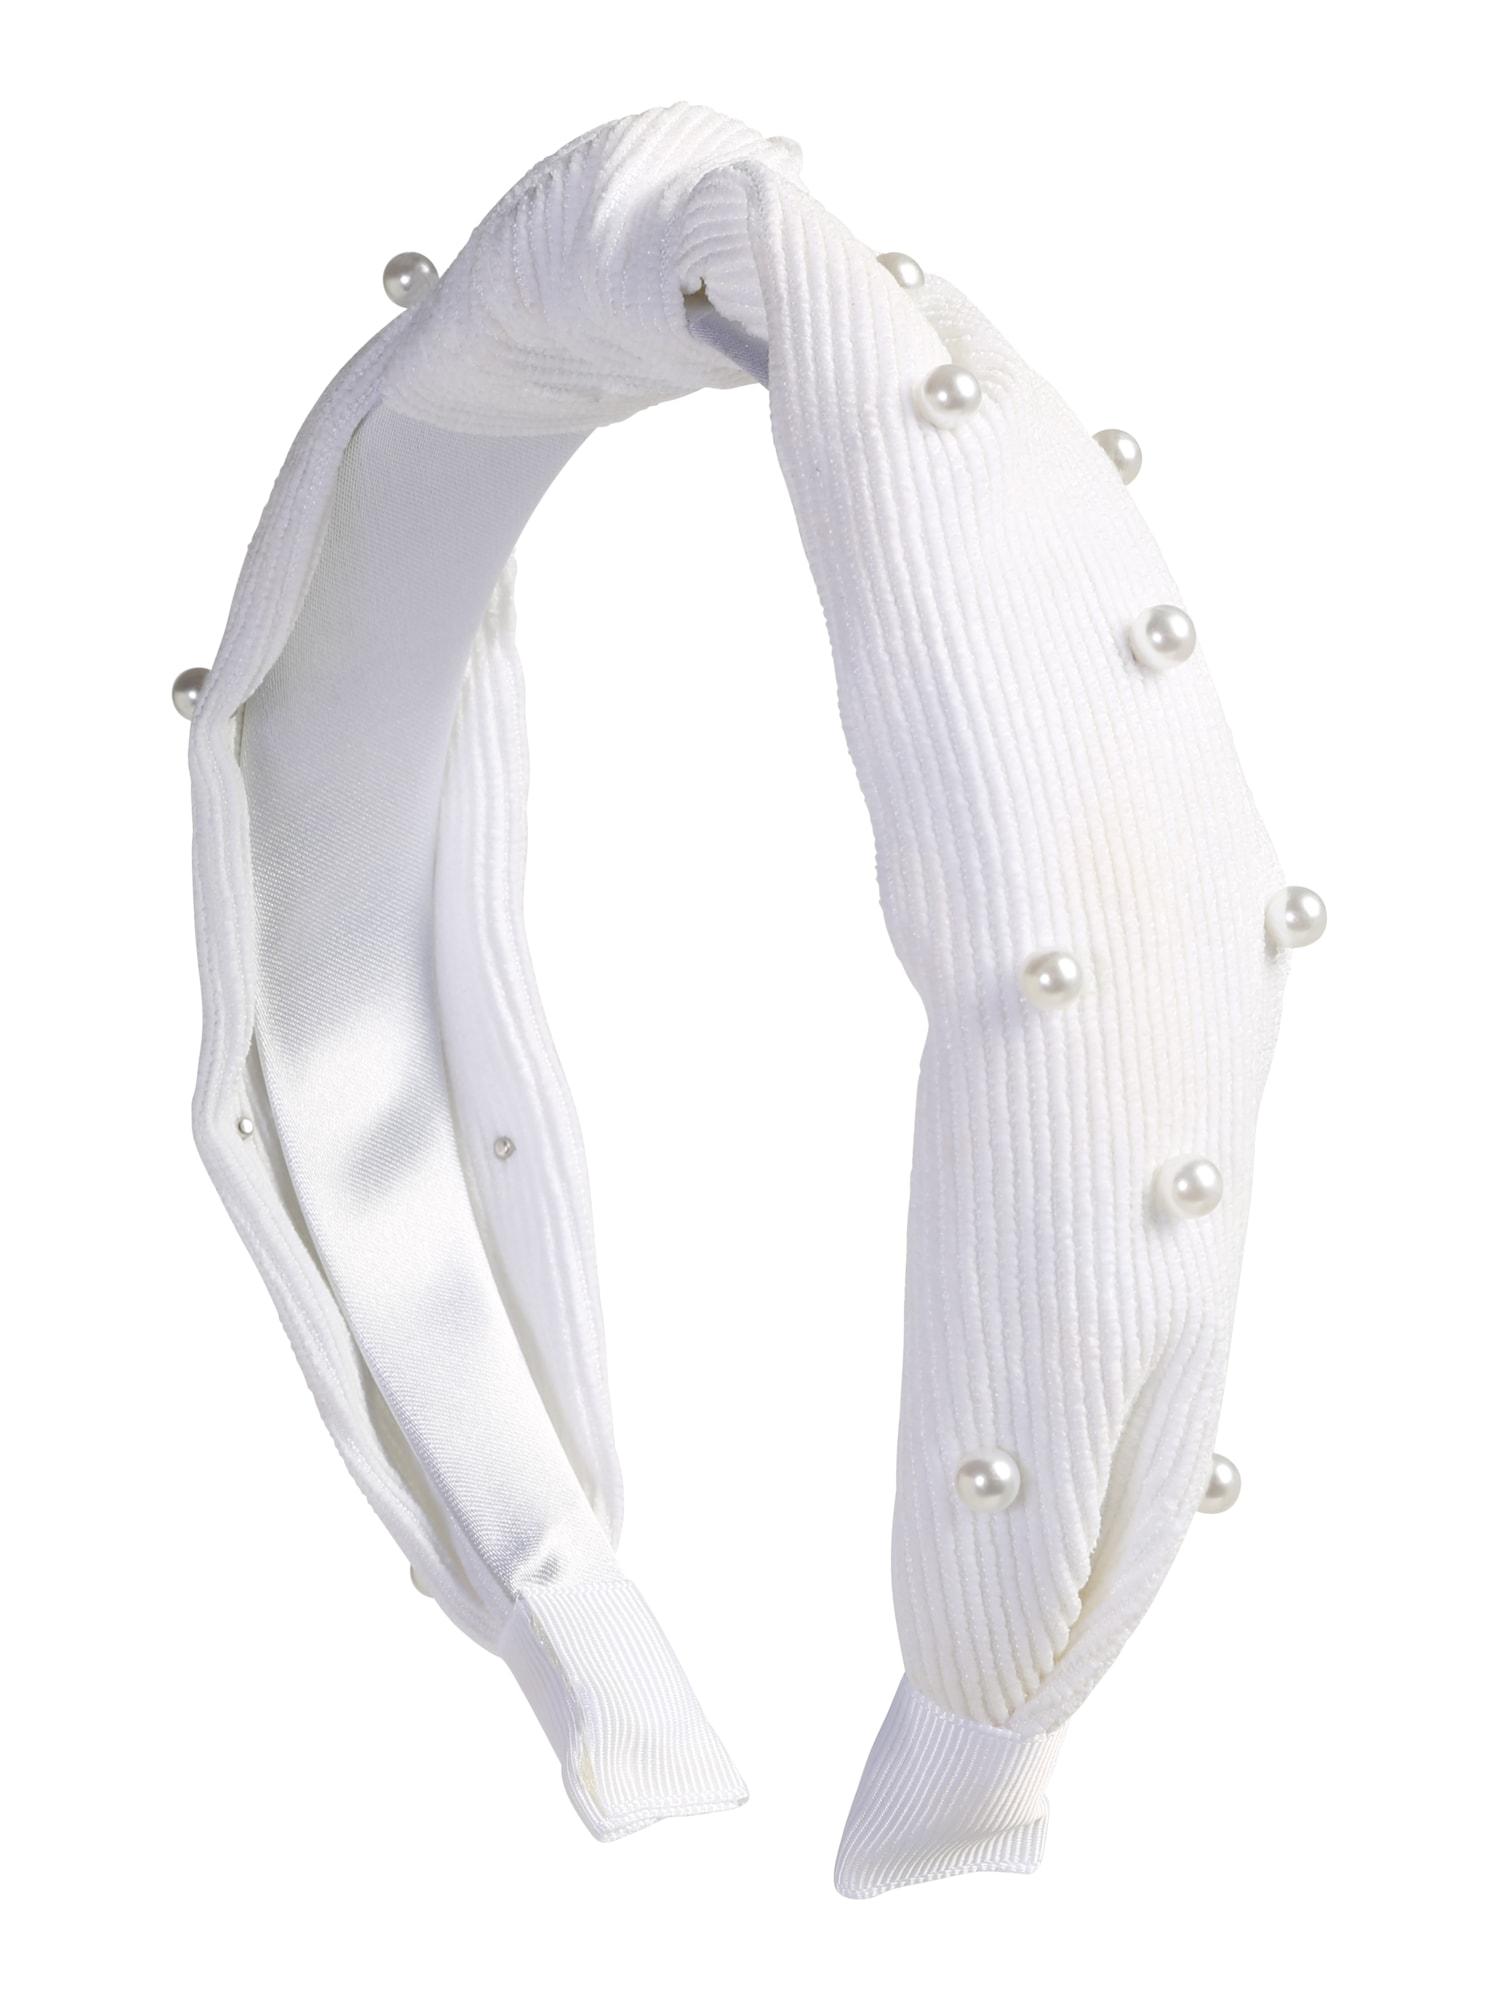 ABOUT YOU Plaukų papuošalas 'Kimberly' perlų balta